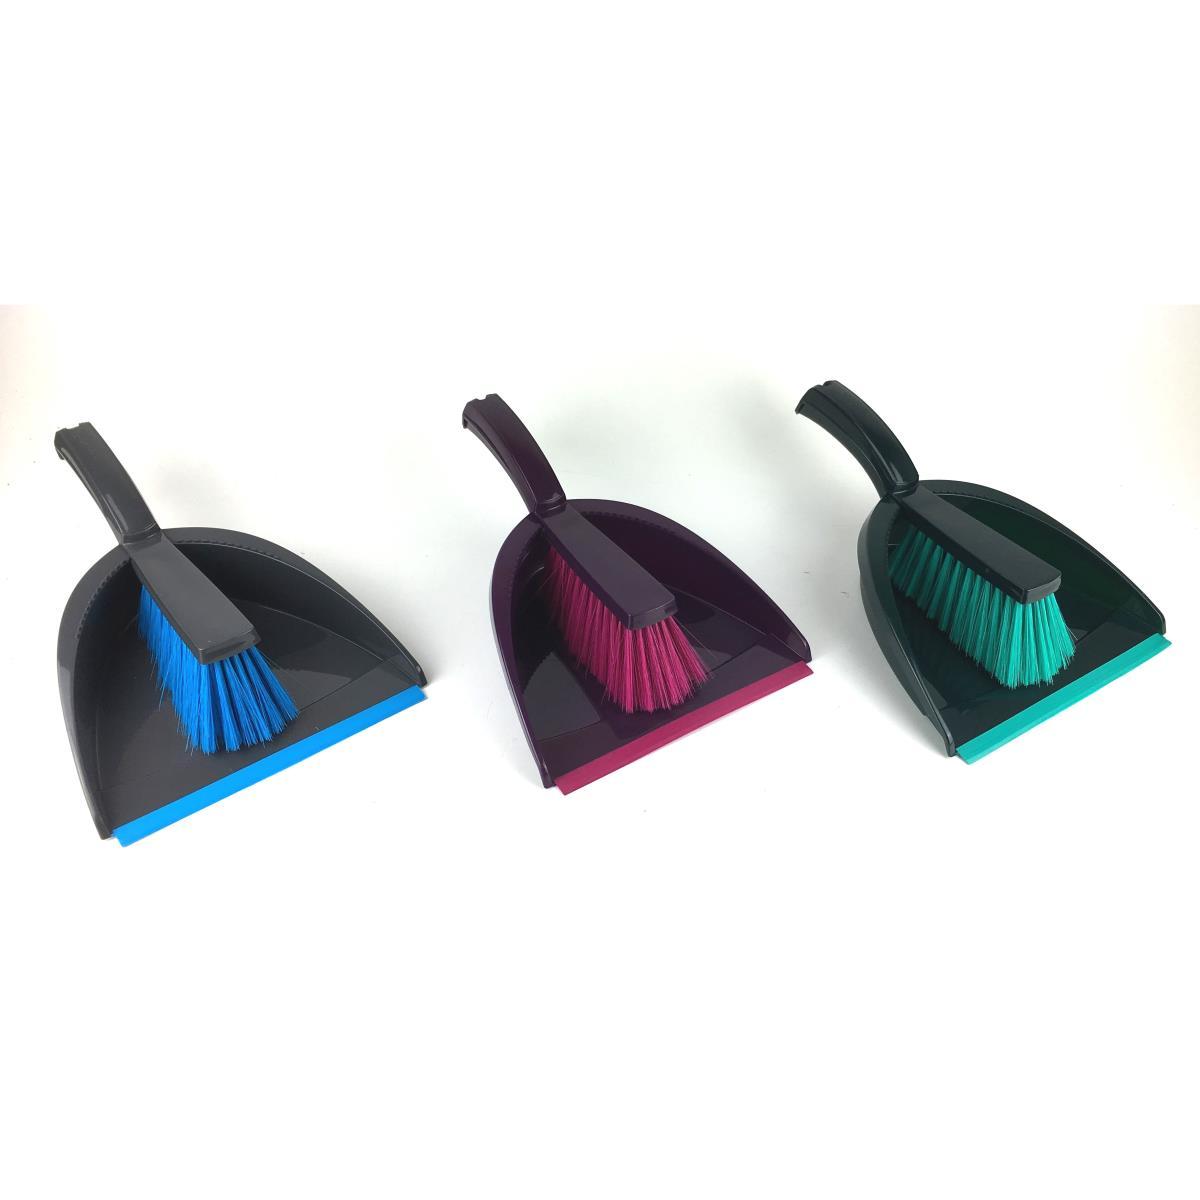 3 x Kehrgarnitur Kehrschaufel mit Gummilippe Handfeger Besen Handbesen ,york,51212429, 0791266465534